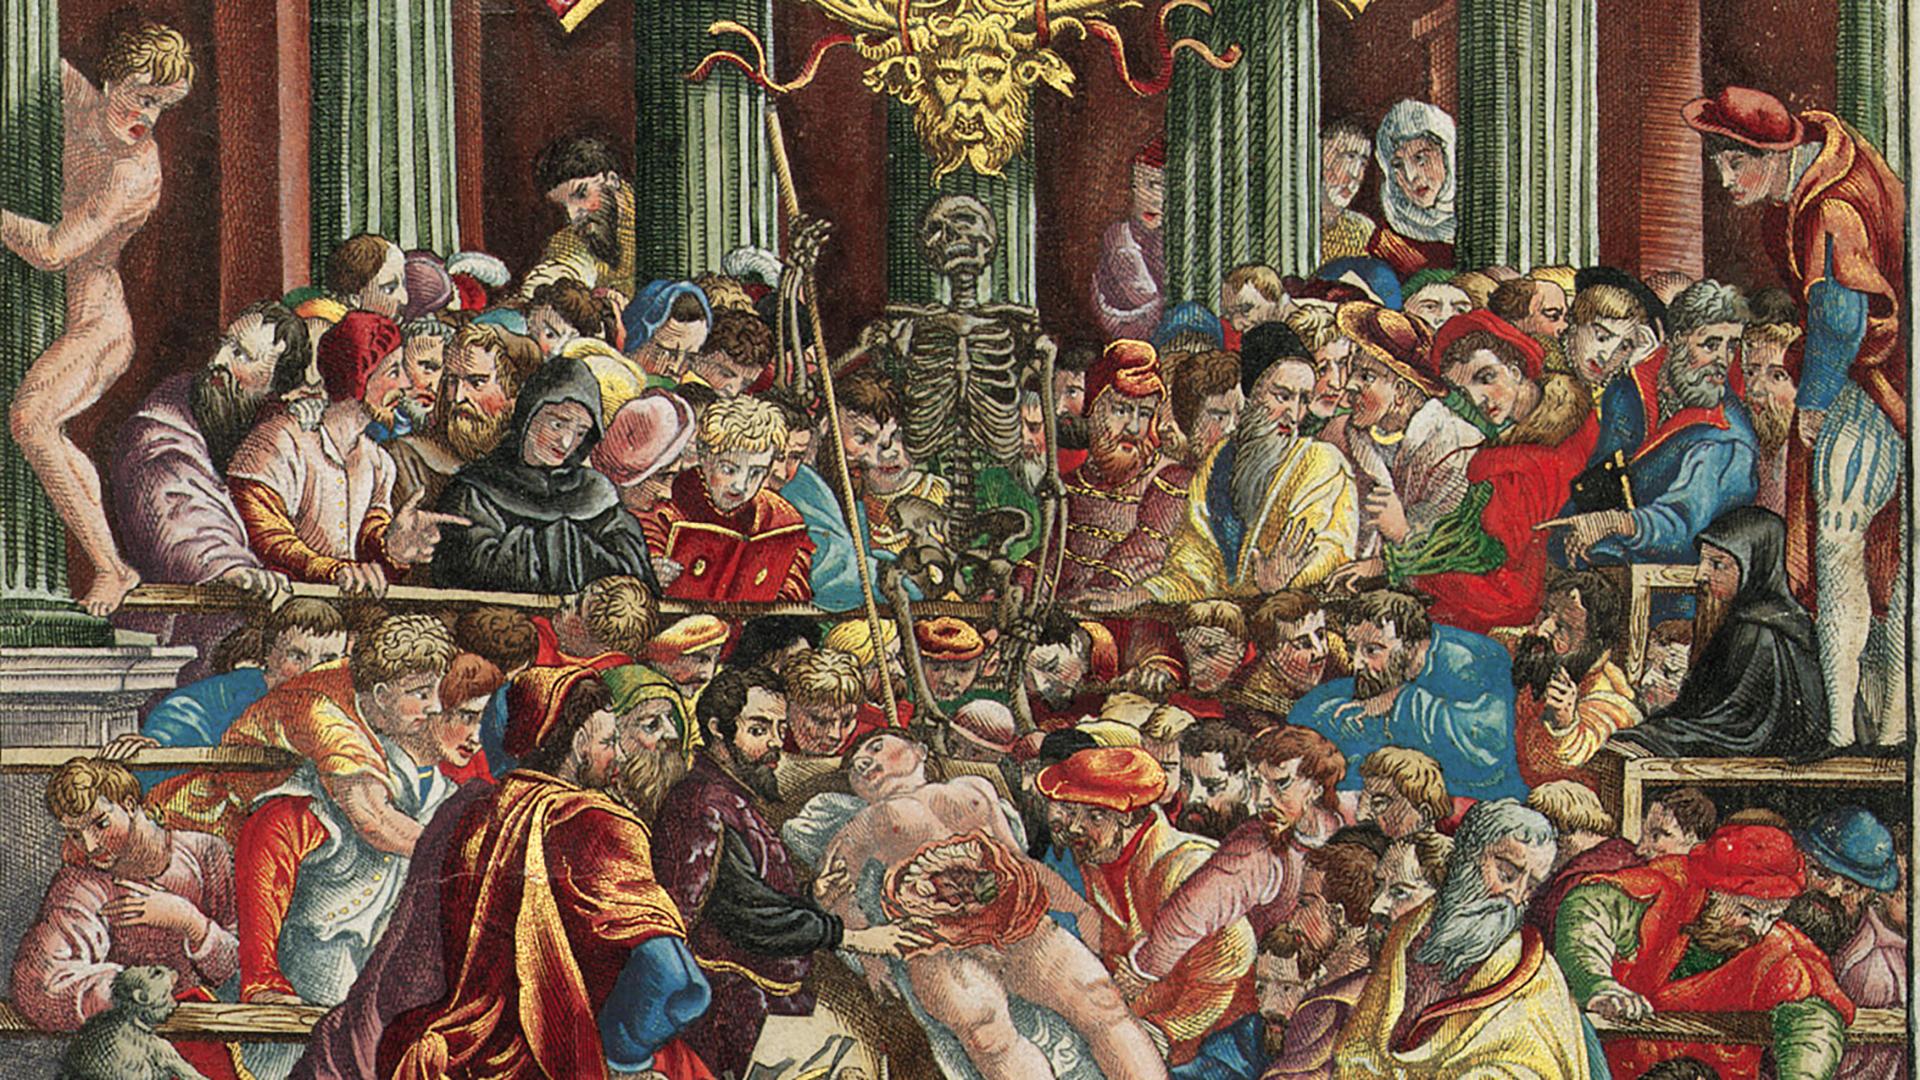 Detalle color, Frontispicio de De humani corporis fabrica, de Andrea Vesalio, Basilea 1543